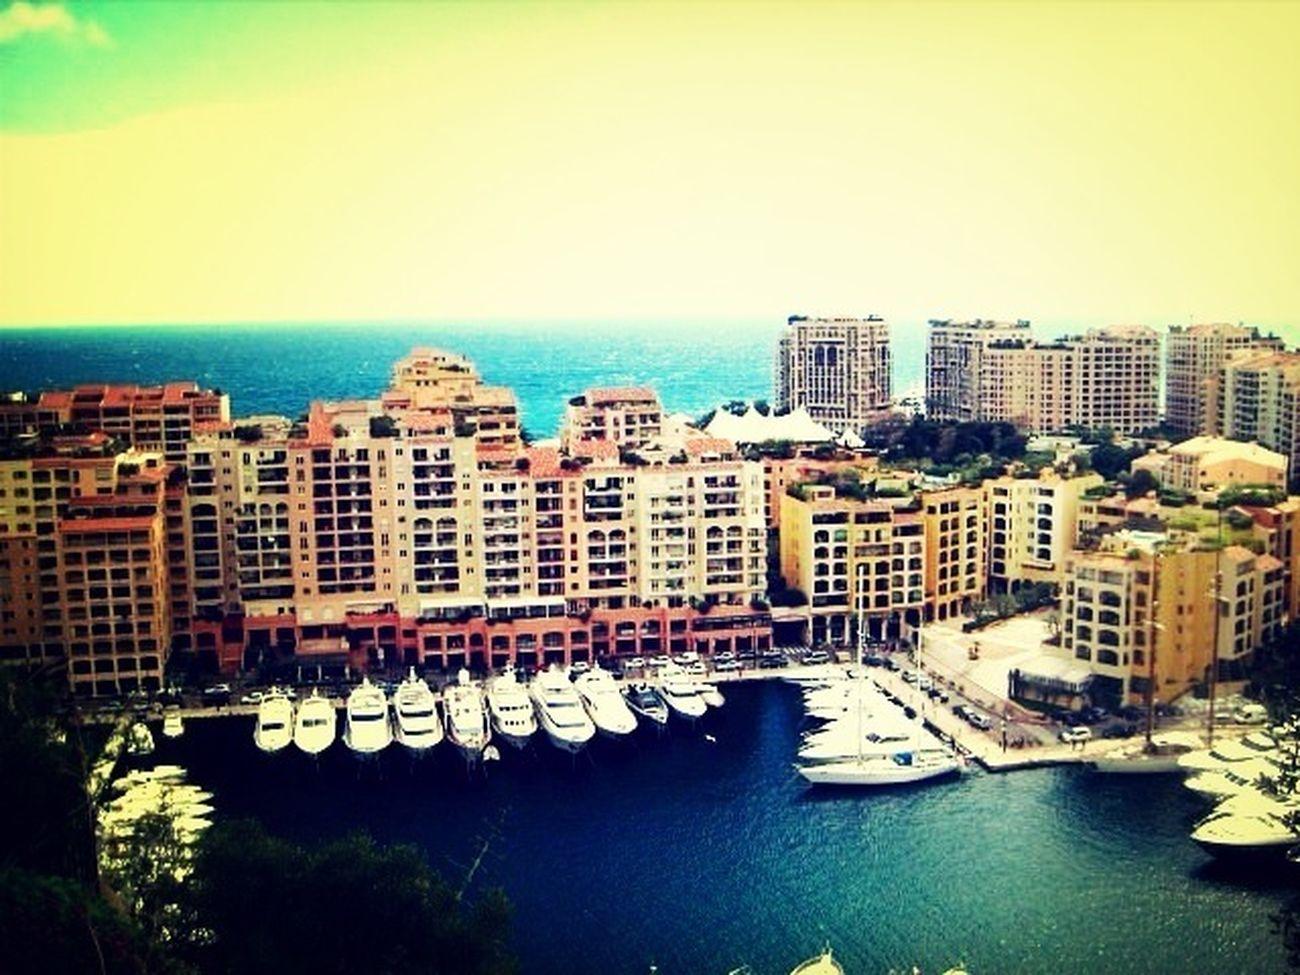 Enjoying The View Bay Bay Area Monaco Monaco View Sunny Sunny Day